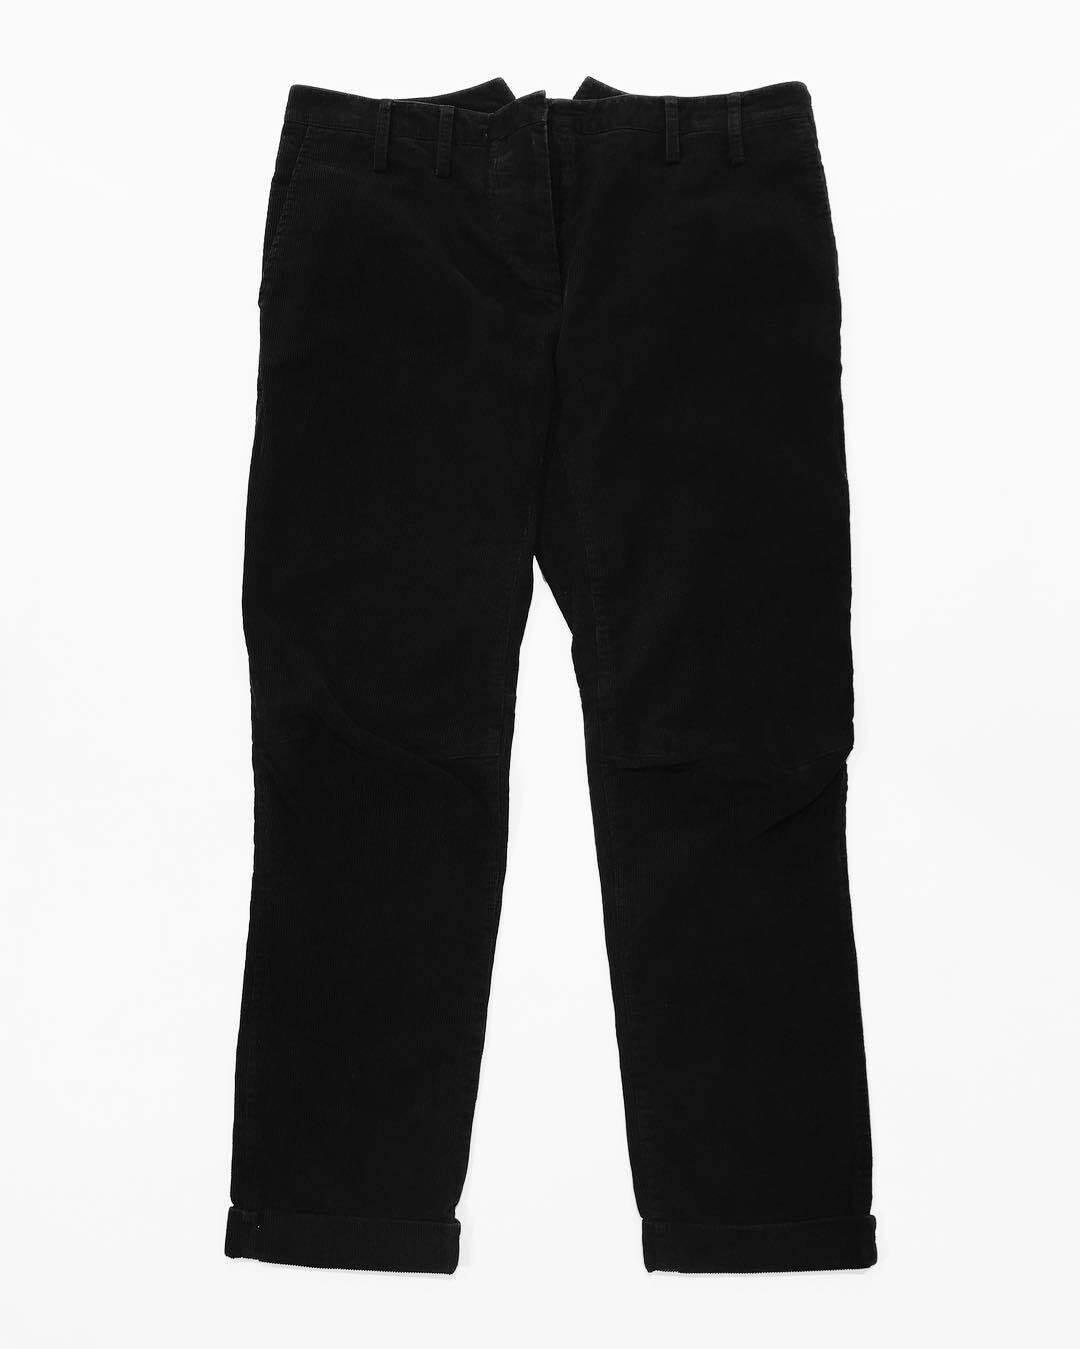 Женские вельветовые брюки с защипами на коленях от Balmain